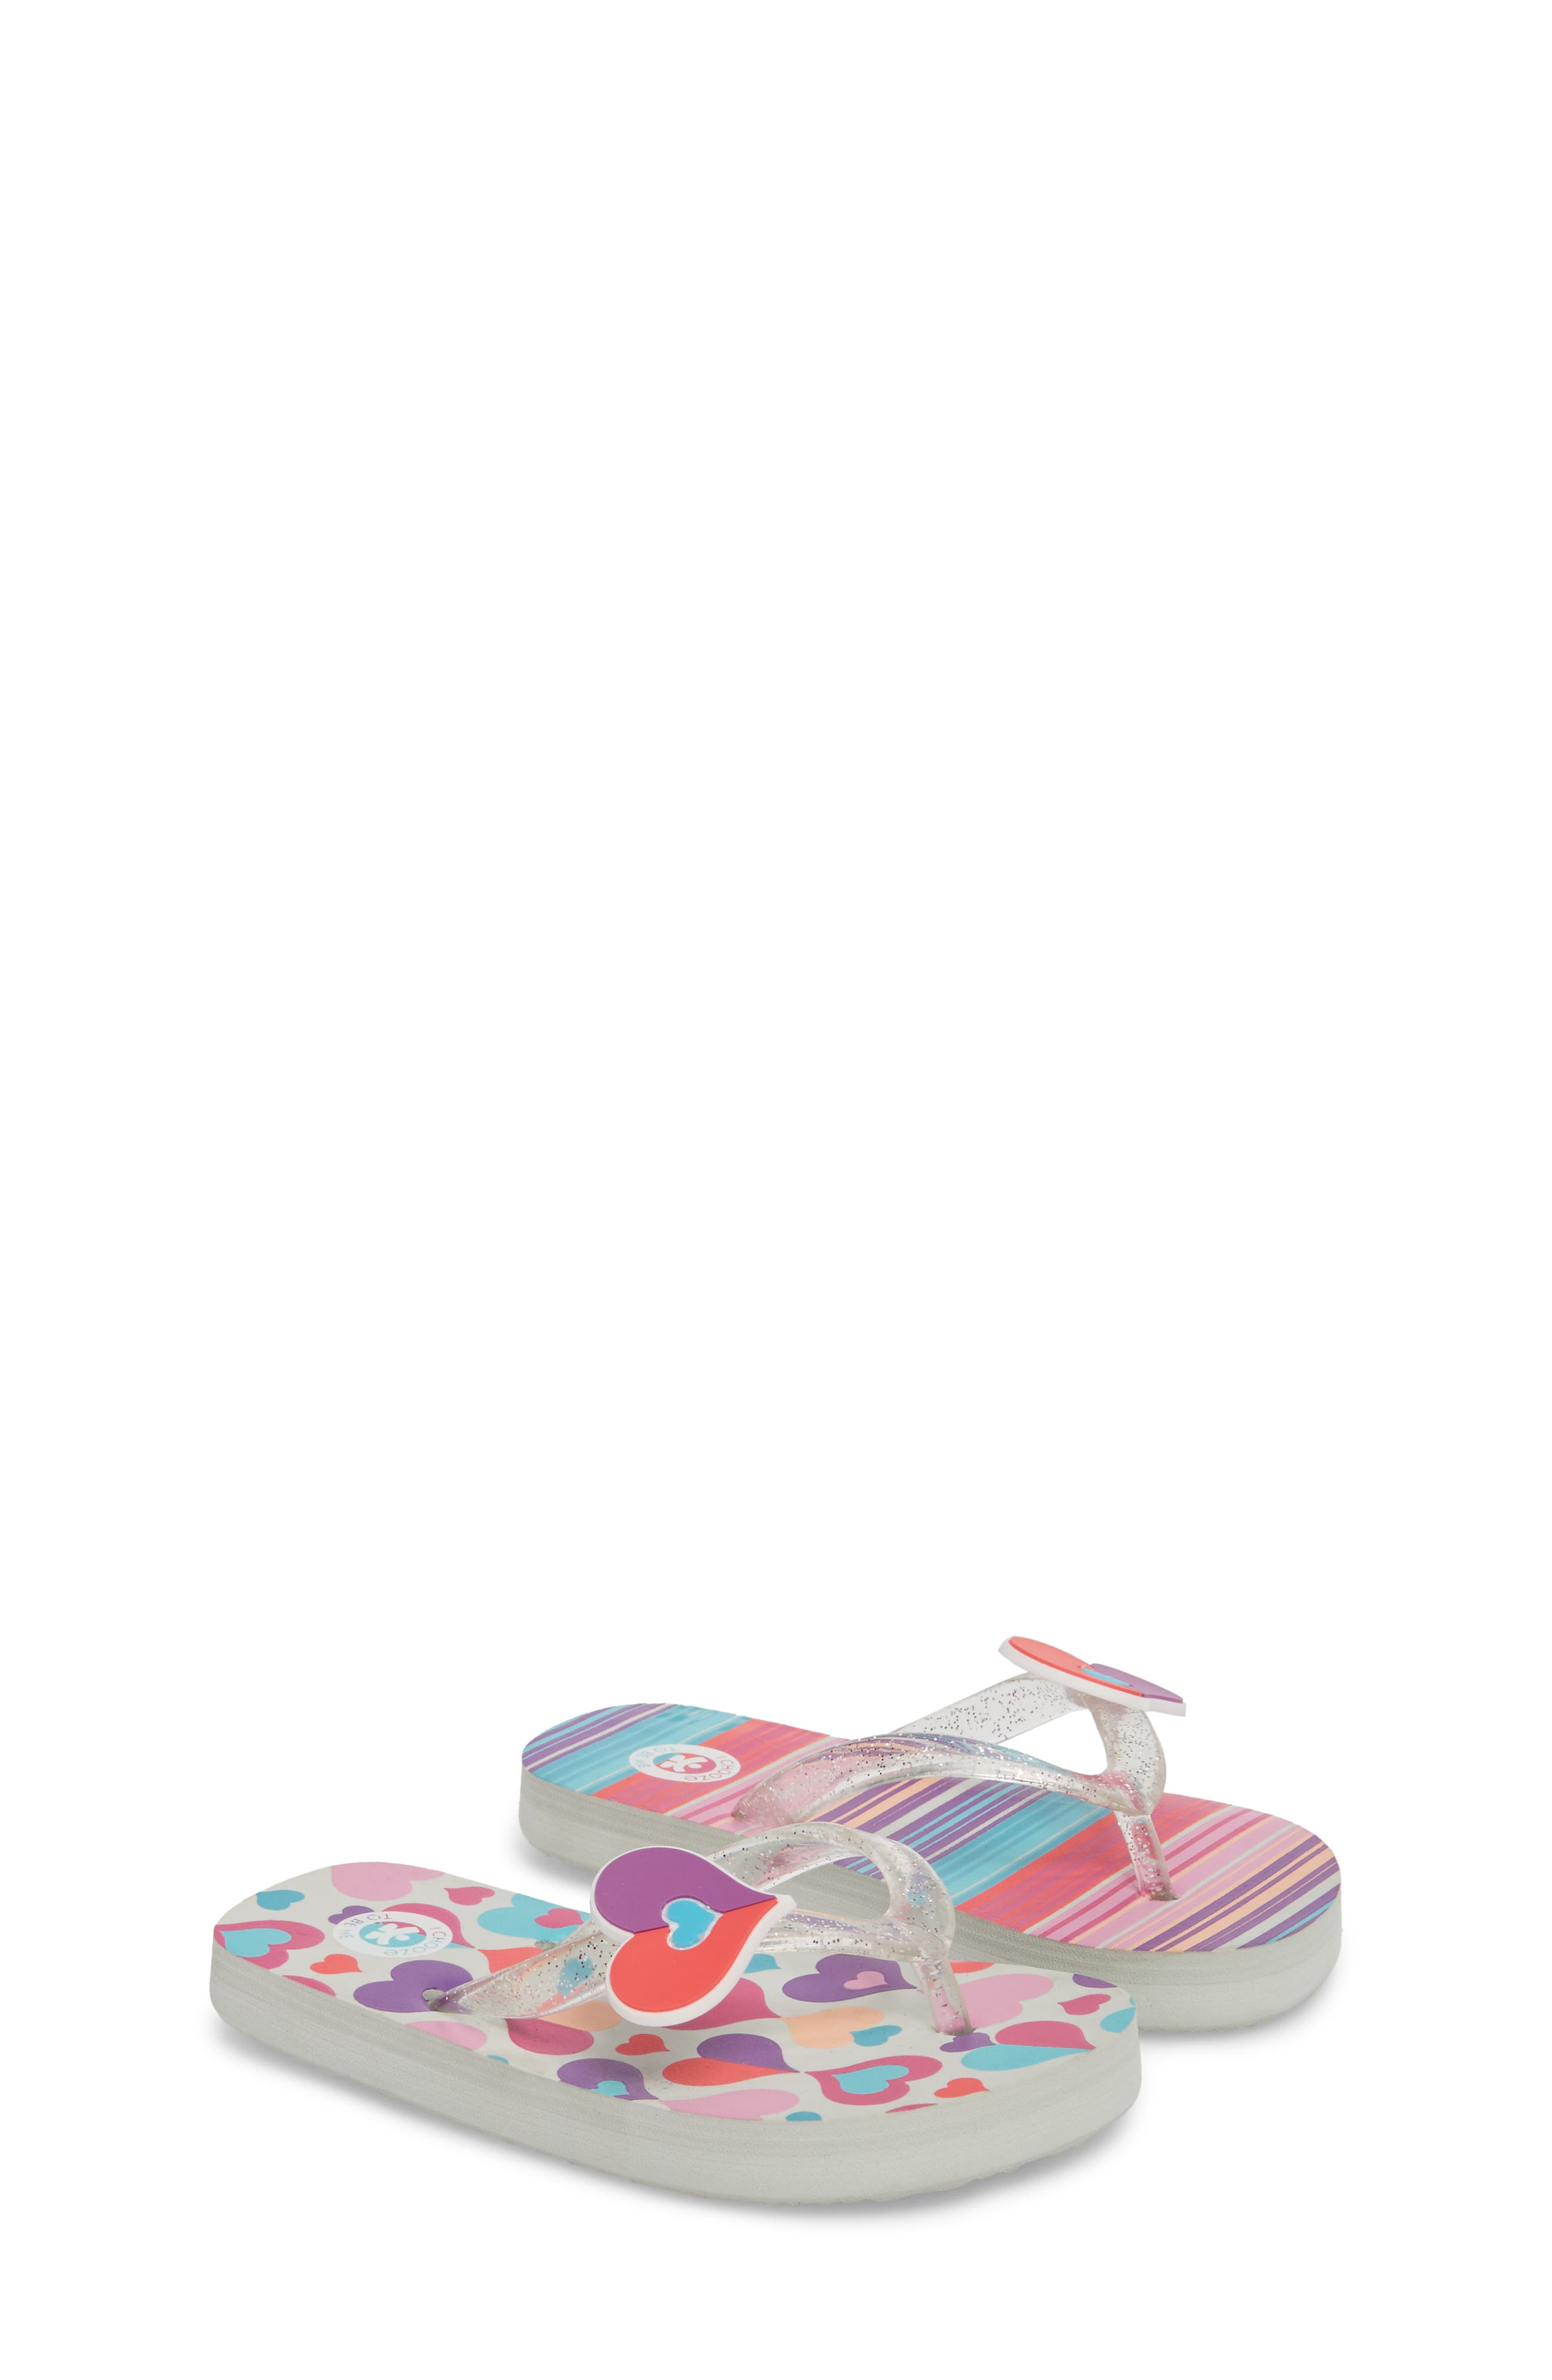 Alternate Image 3  - CHOOZE Print Flip Flop (Toddler, Little Kid & Big Kid)